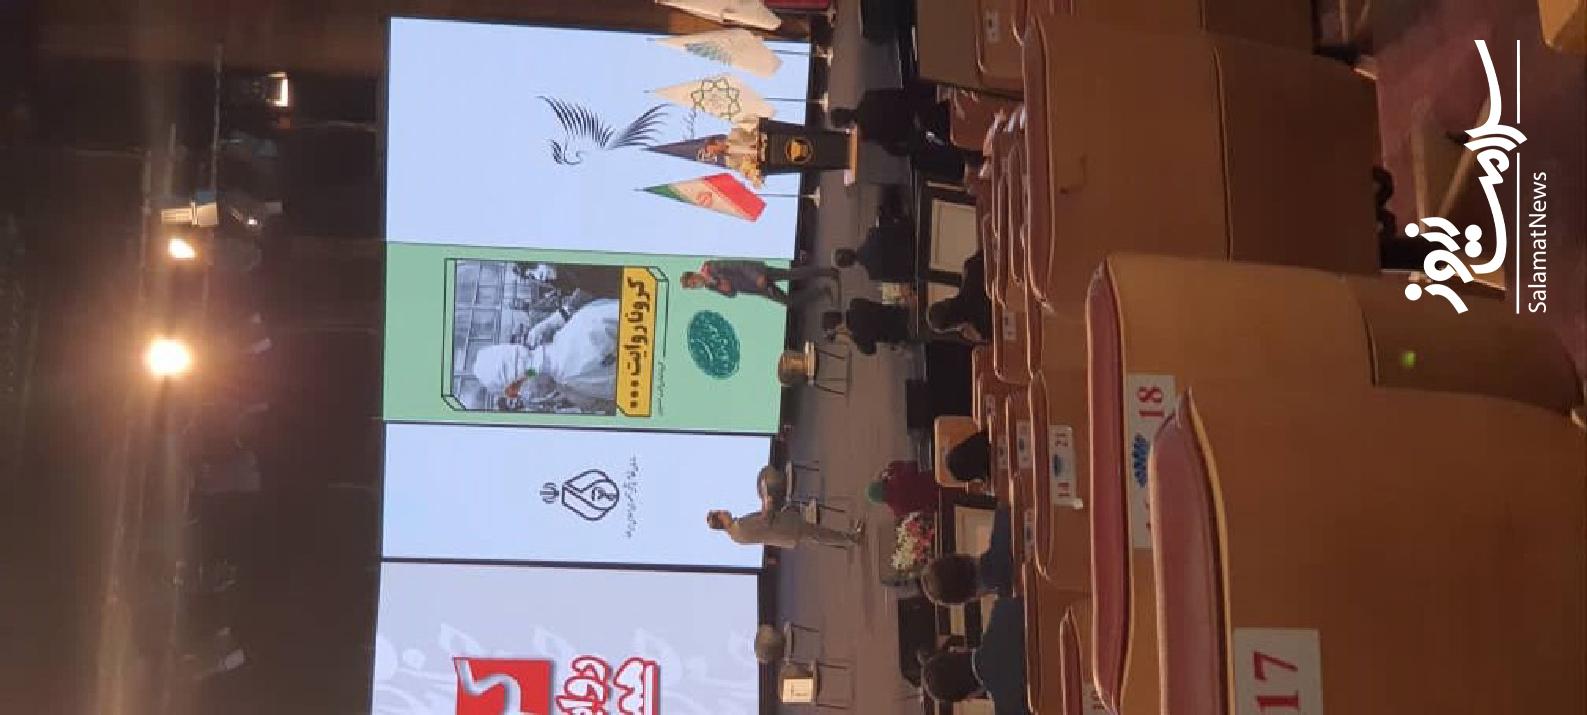 فیلم و عکس/تقدیر از عادل فرودسی پور در مراسم اختتامیه رویداد کرونا روایت